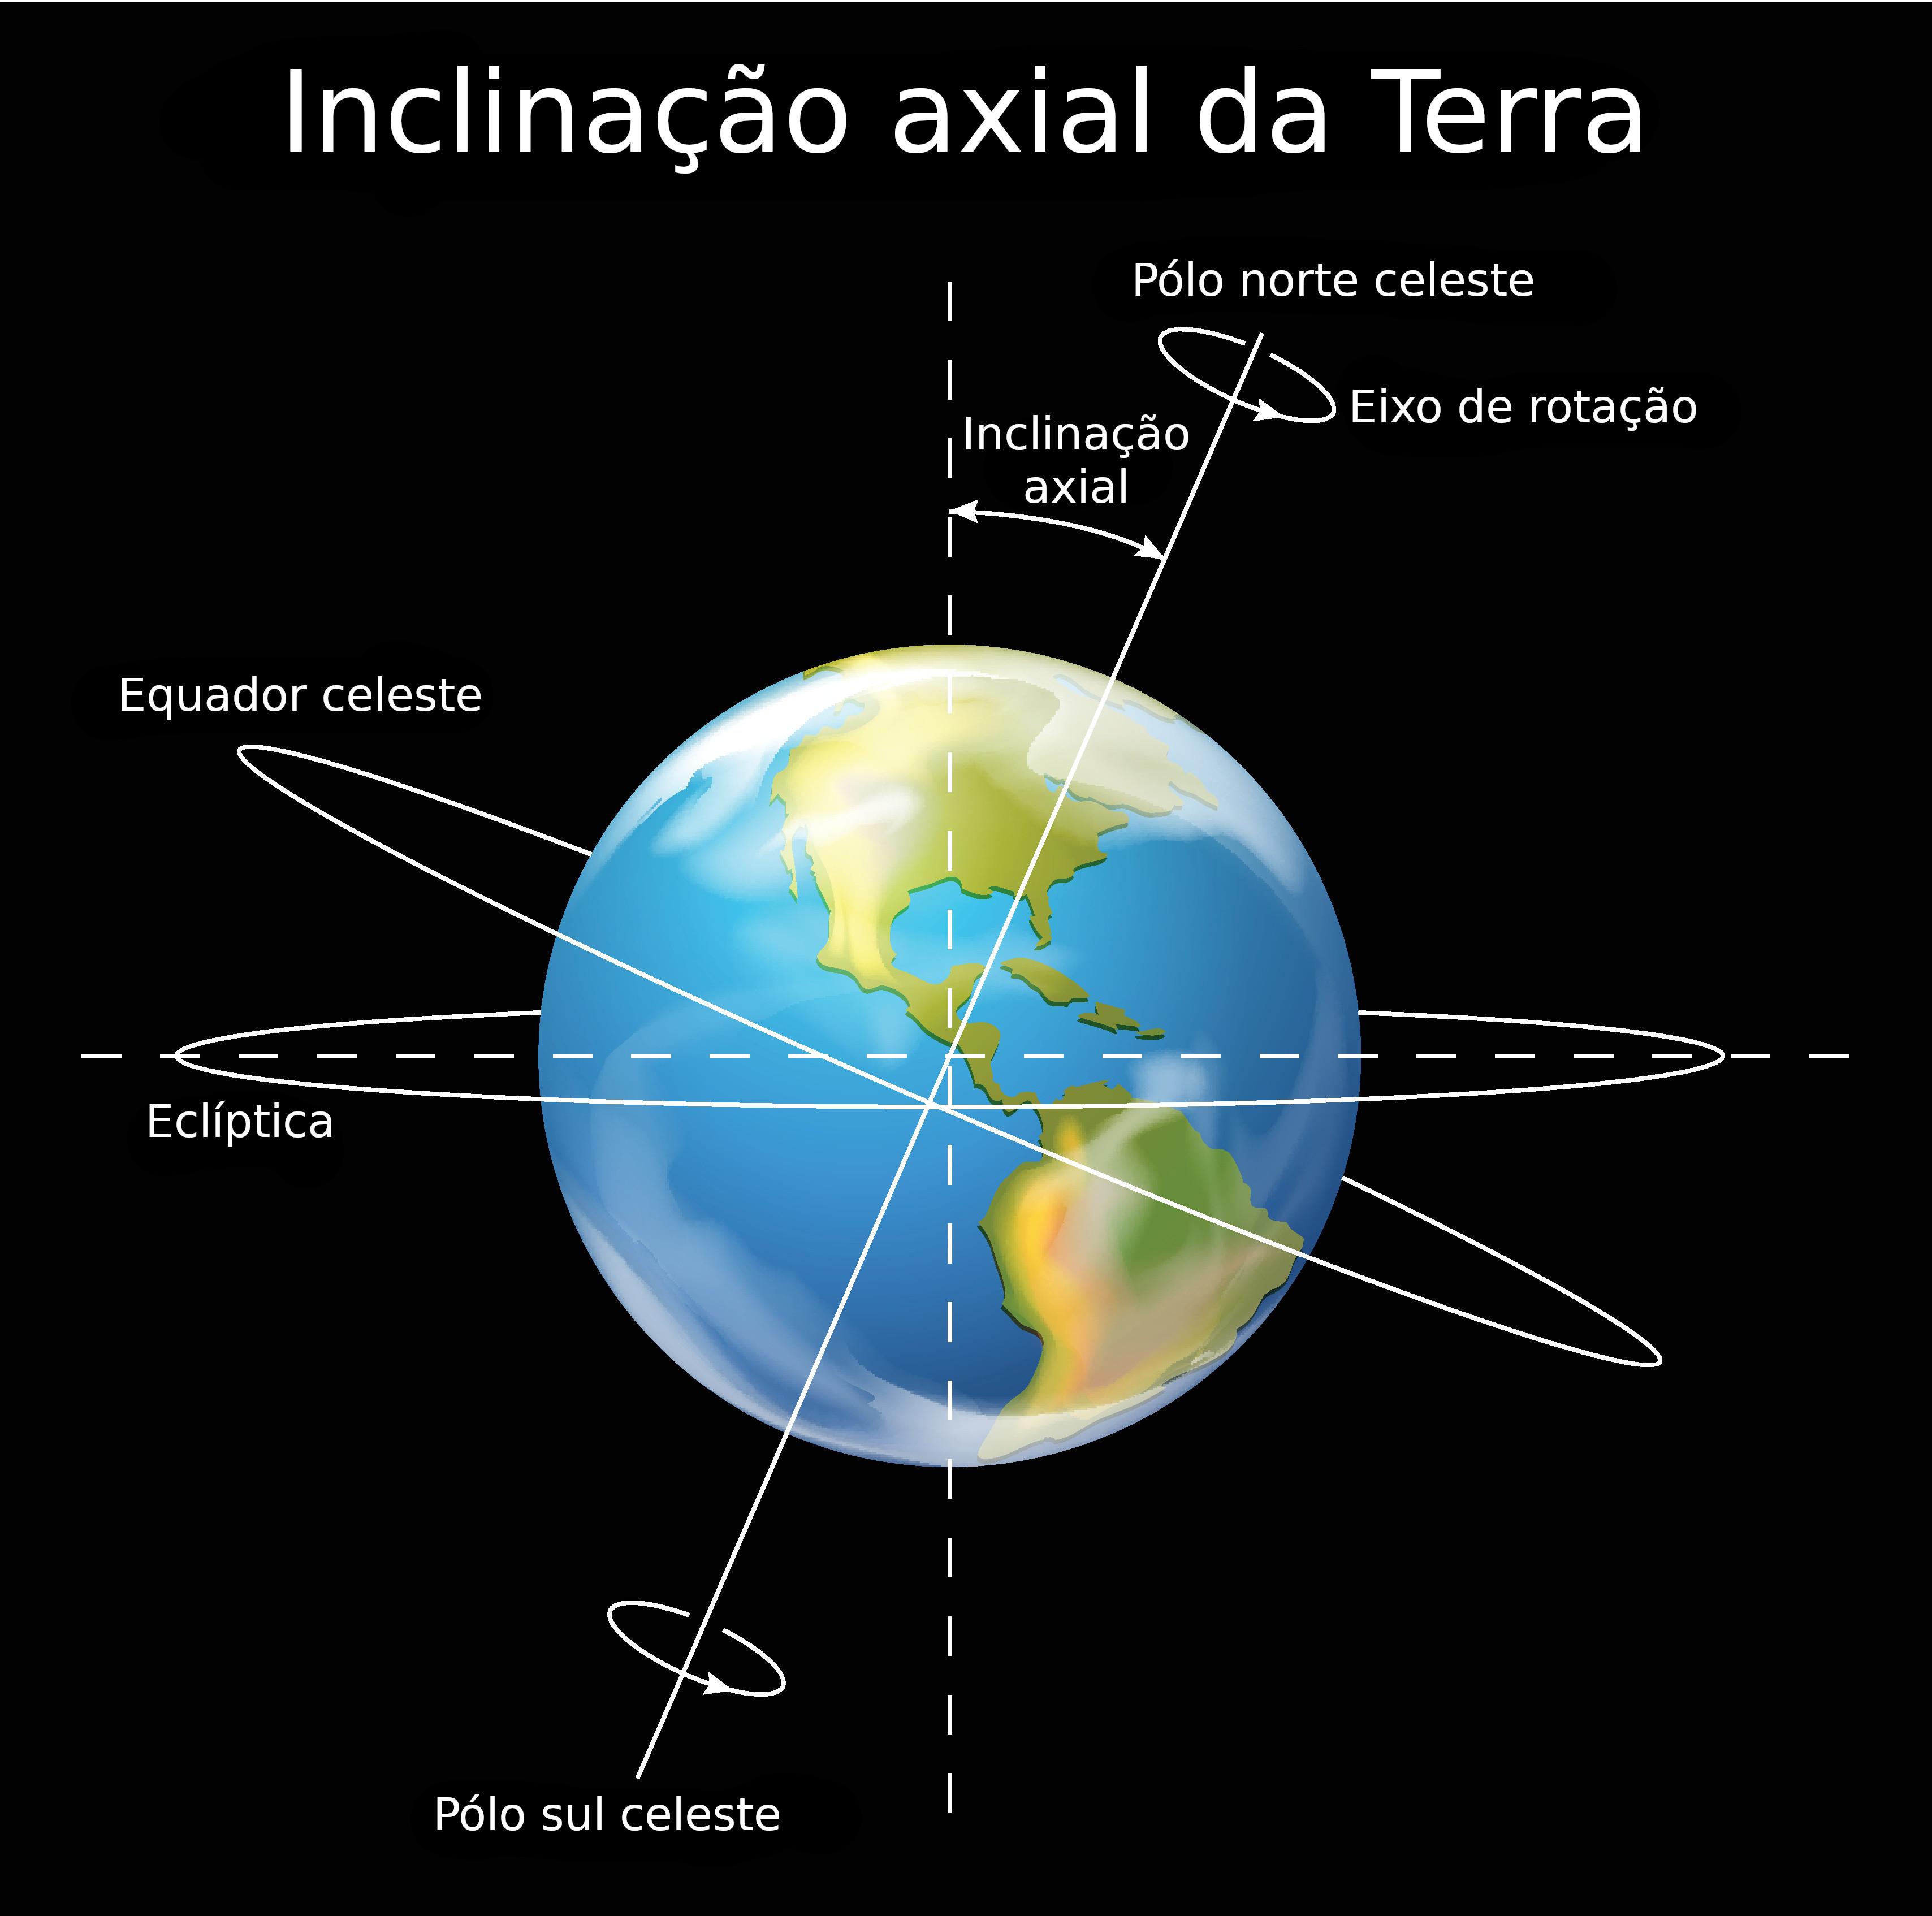 Inclinacao Axial Da Terra